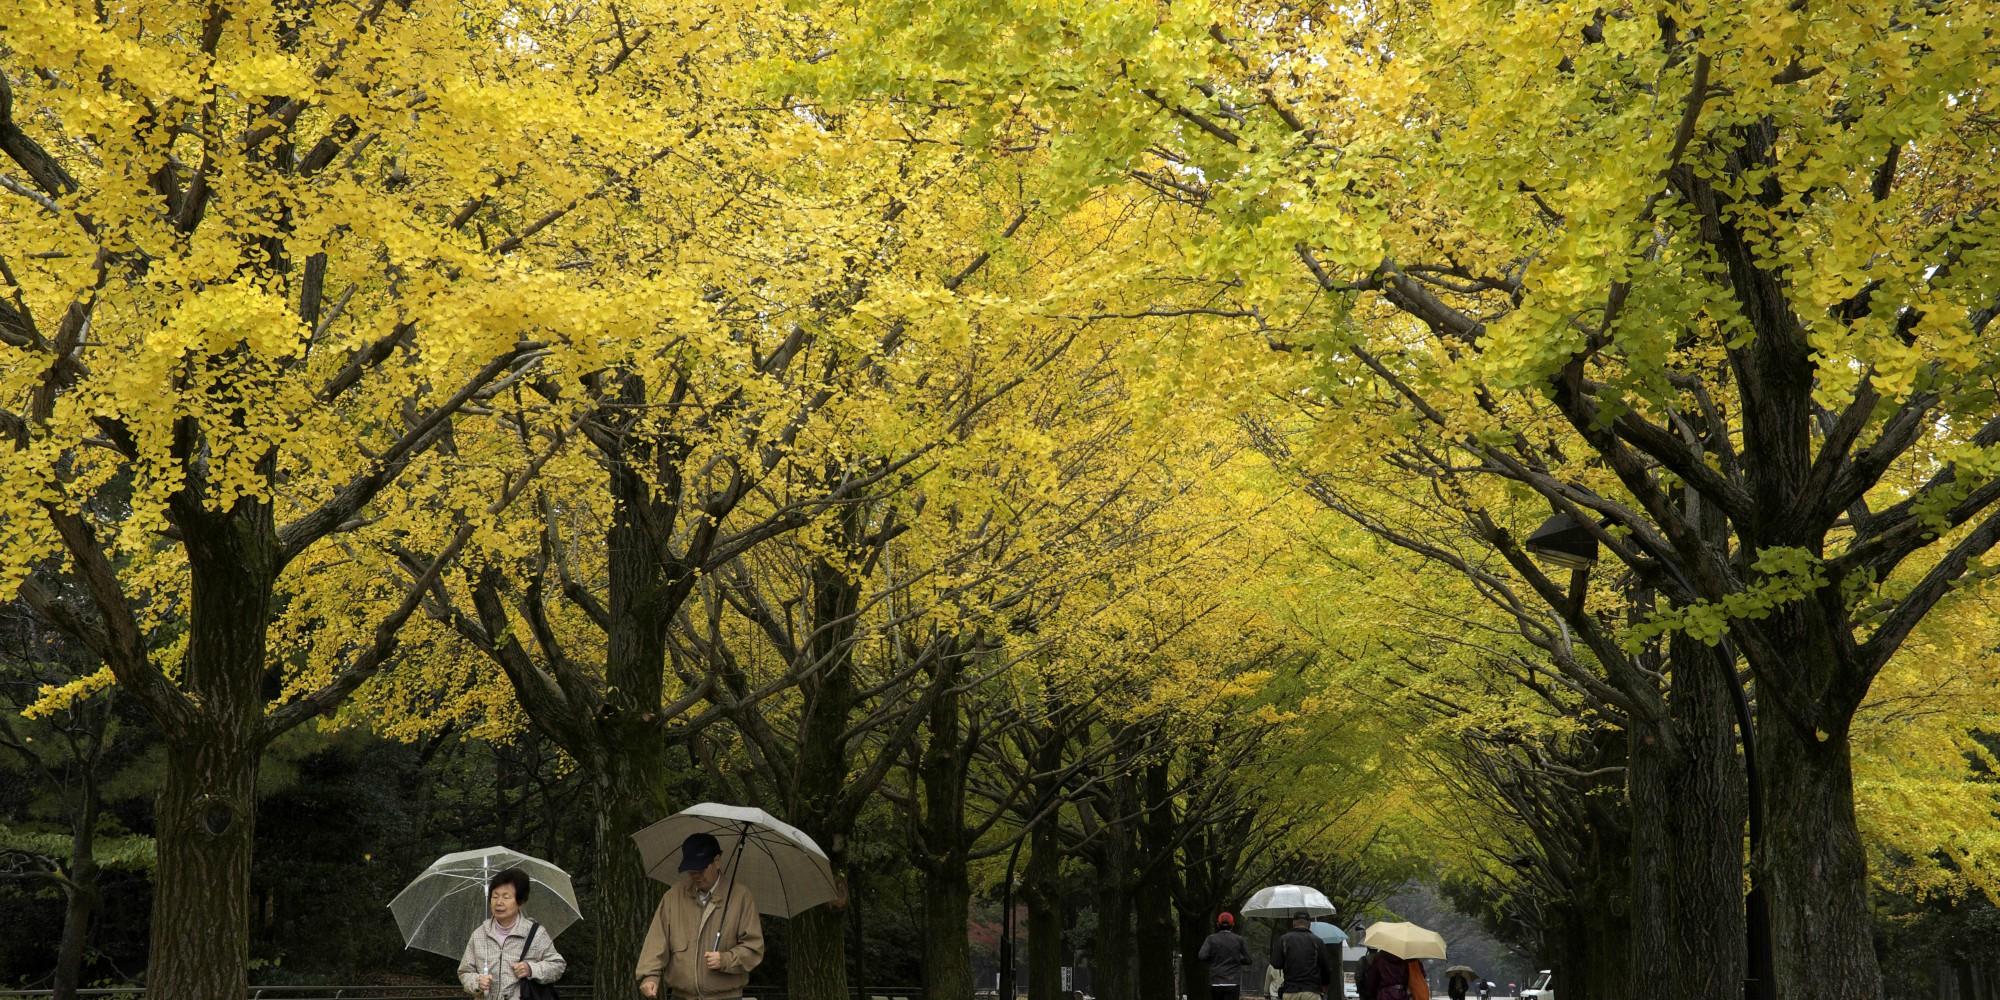 Le Ginkgo biloba, arbre magique, nouvel étendard de la résistance contre le changement climatique ?